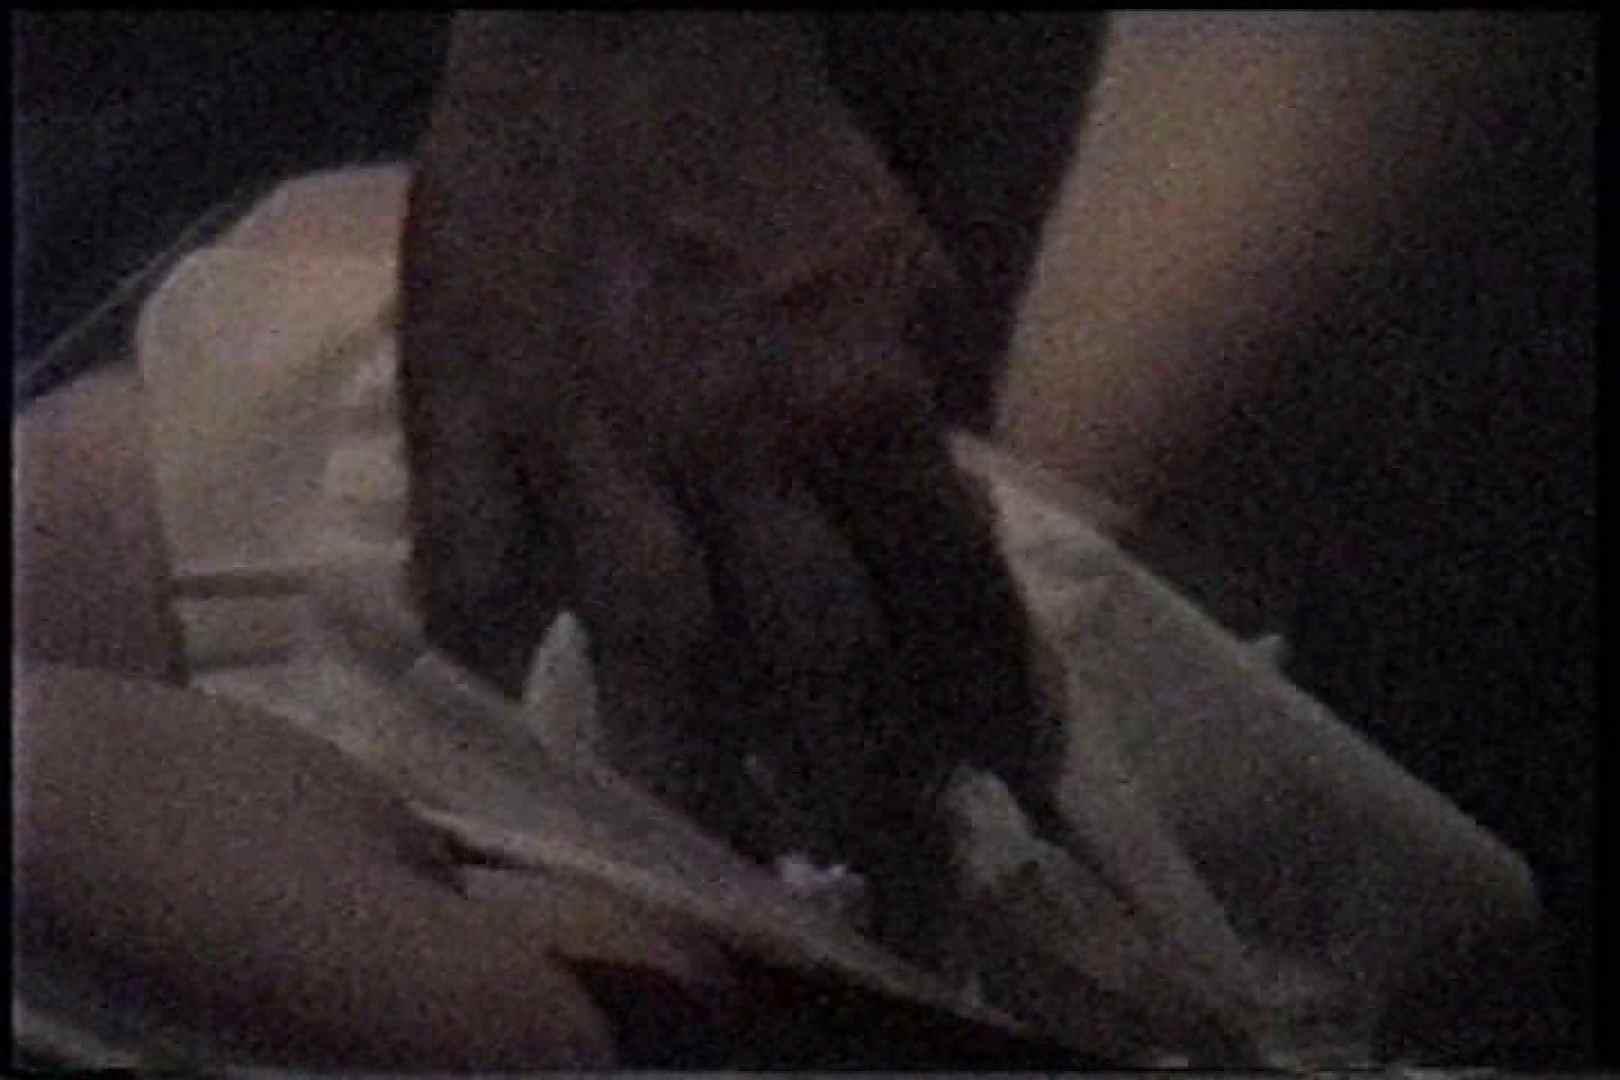 充血監督の深夜の運動会Vol.206 チクビ | OLセックス  65画像 11